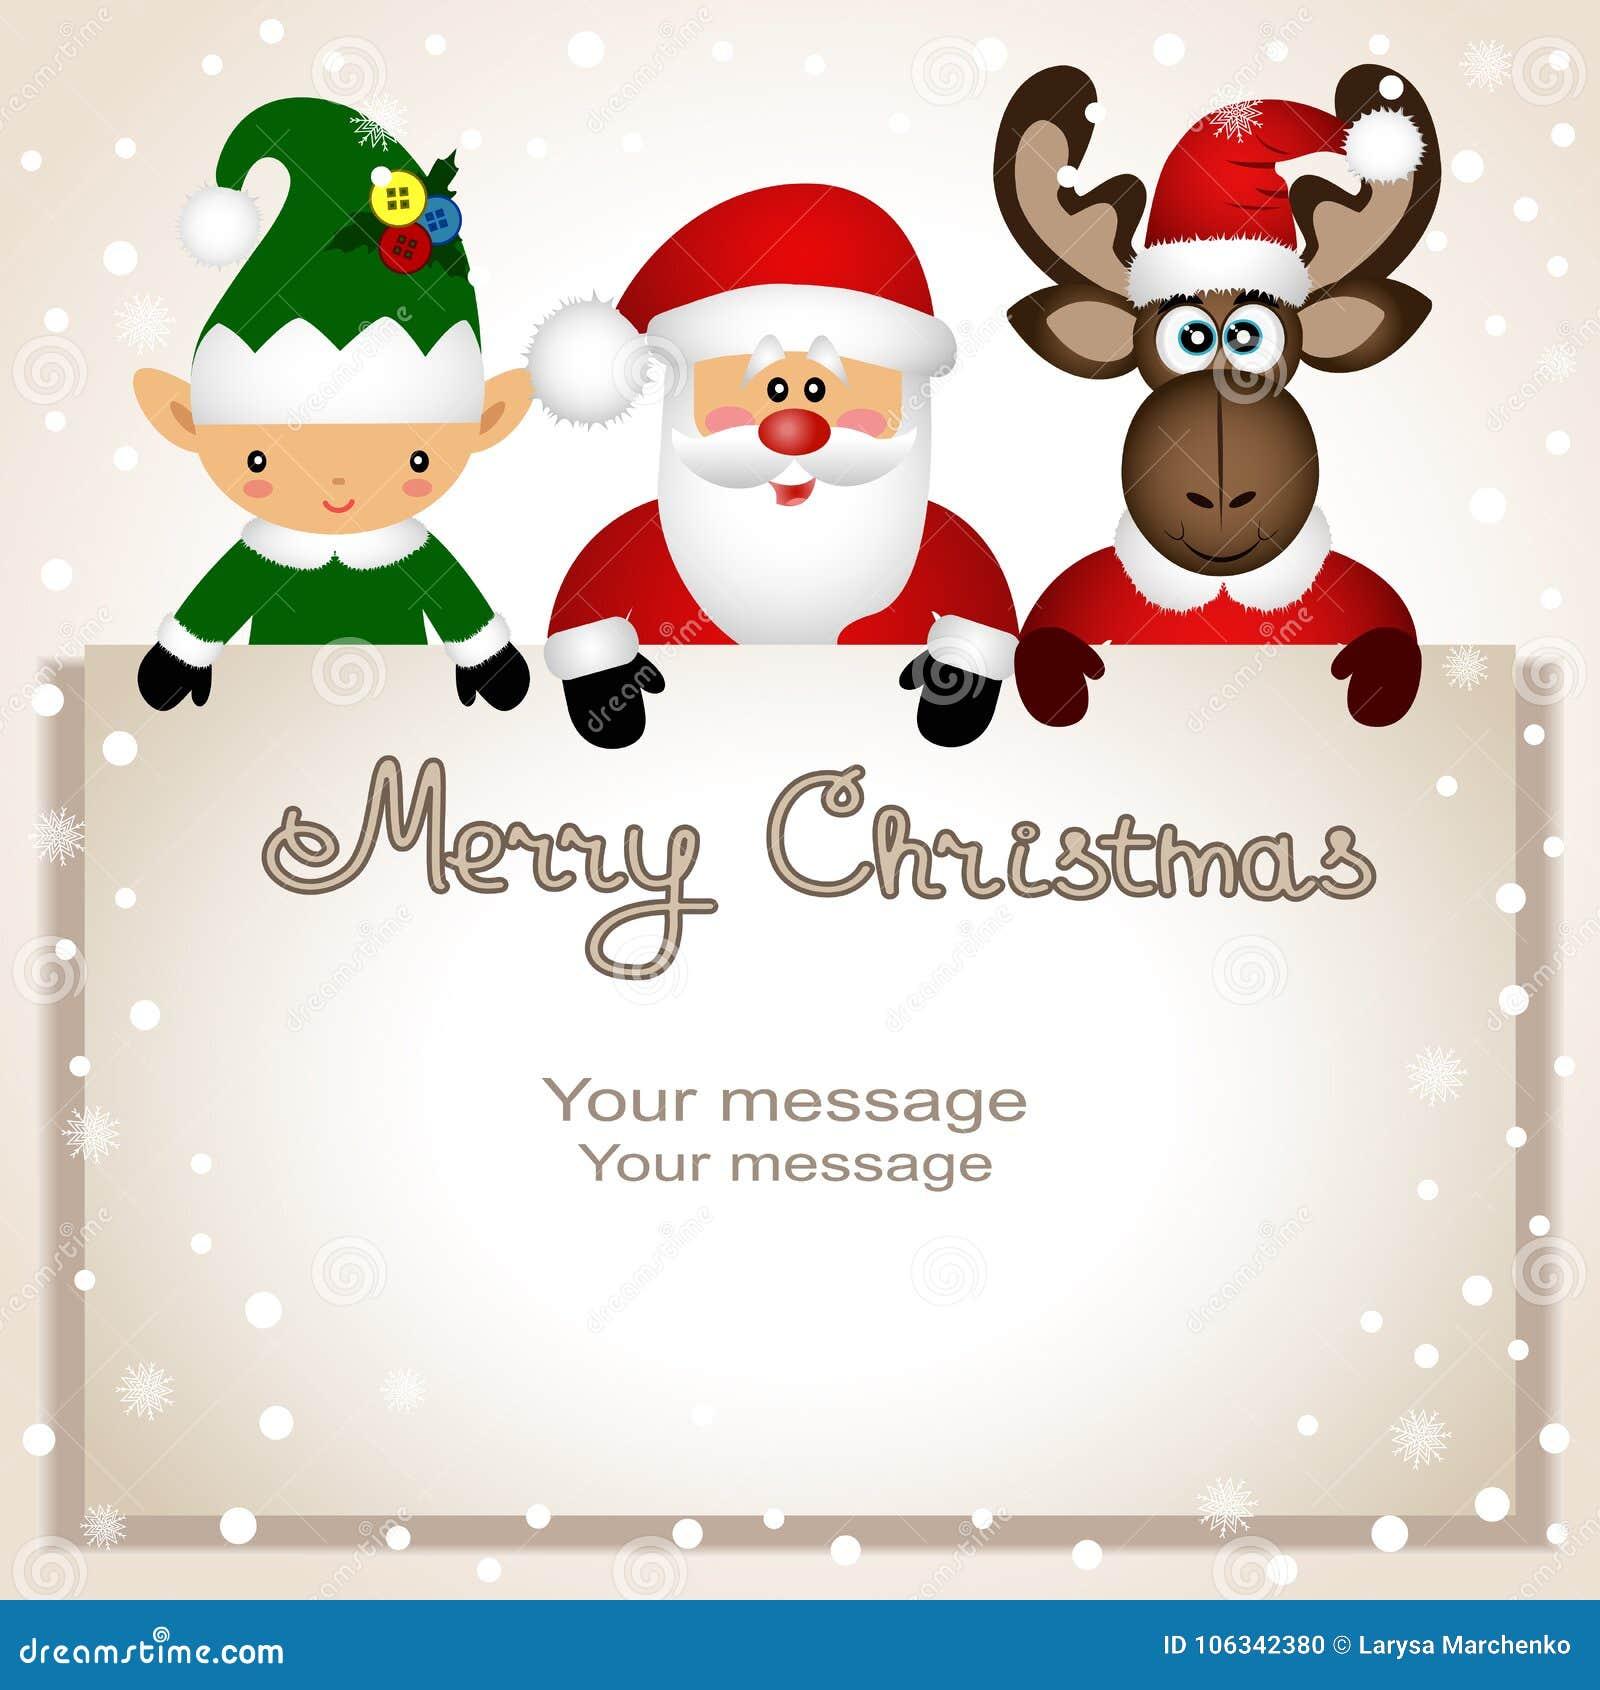 Christmas Card. Funny Postcard With Christmas Elf, Christmas Moo ...